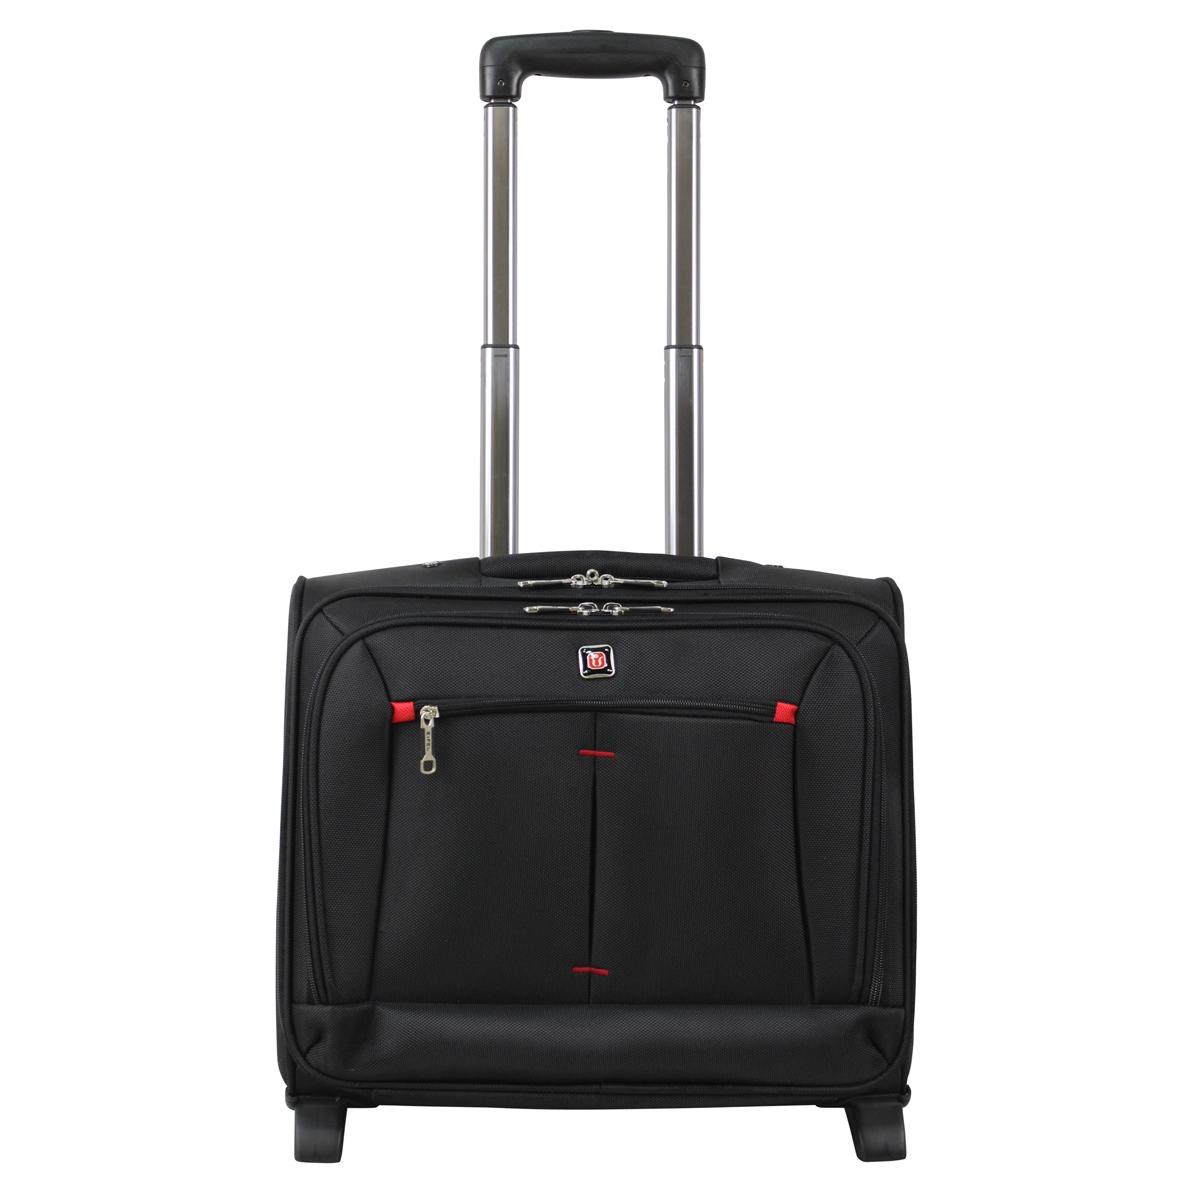 accessoires pour bagages pas cher marque myvalise. Black Bedroom Furniture Sets. Home Design Ideas